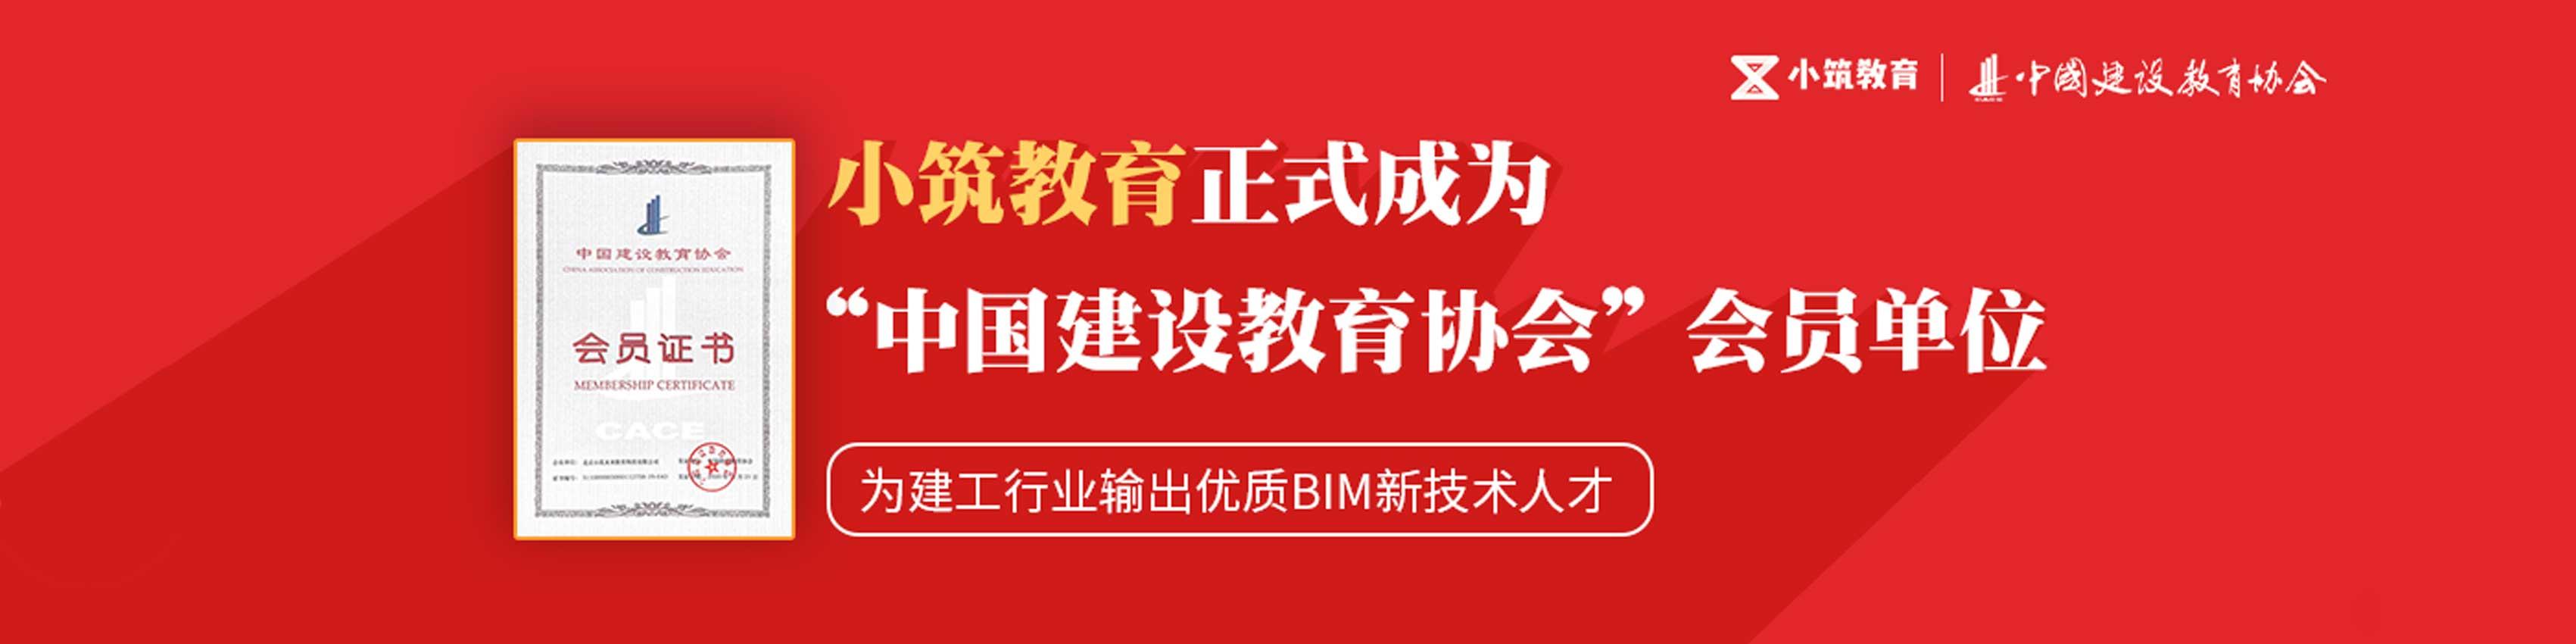 中国建设教育协会-BIM